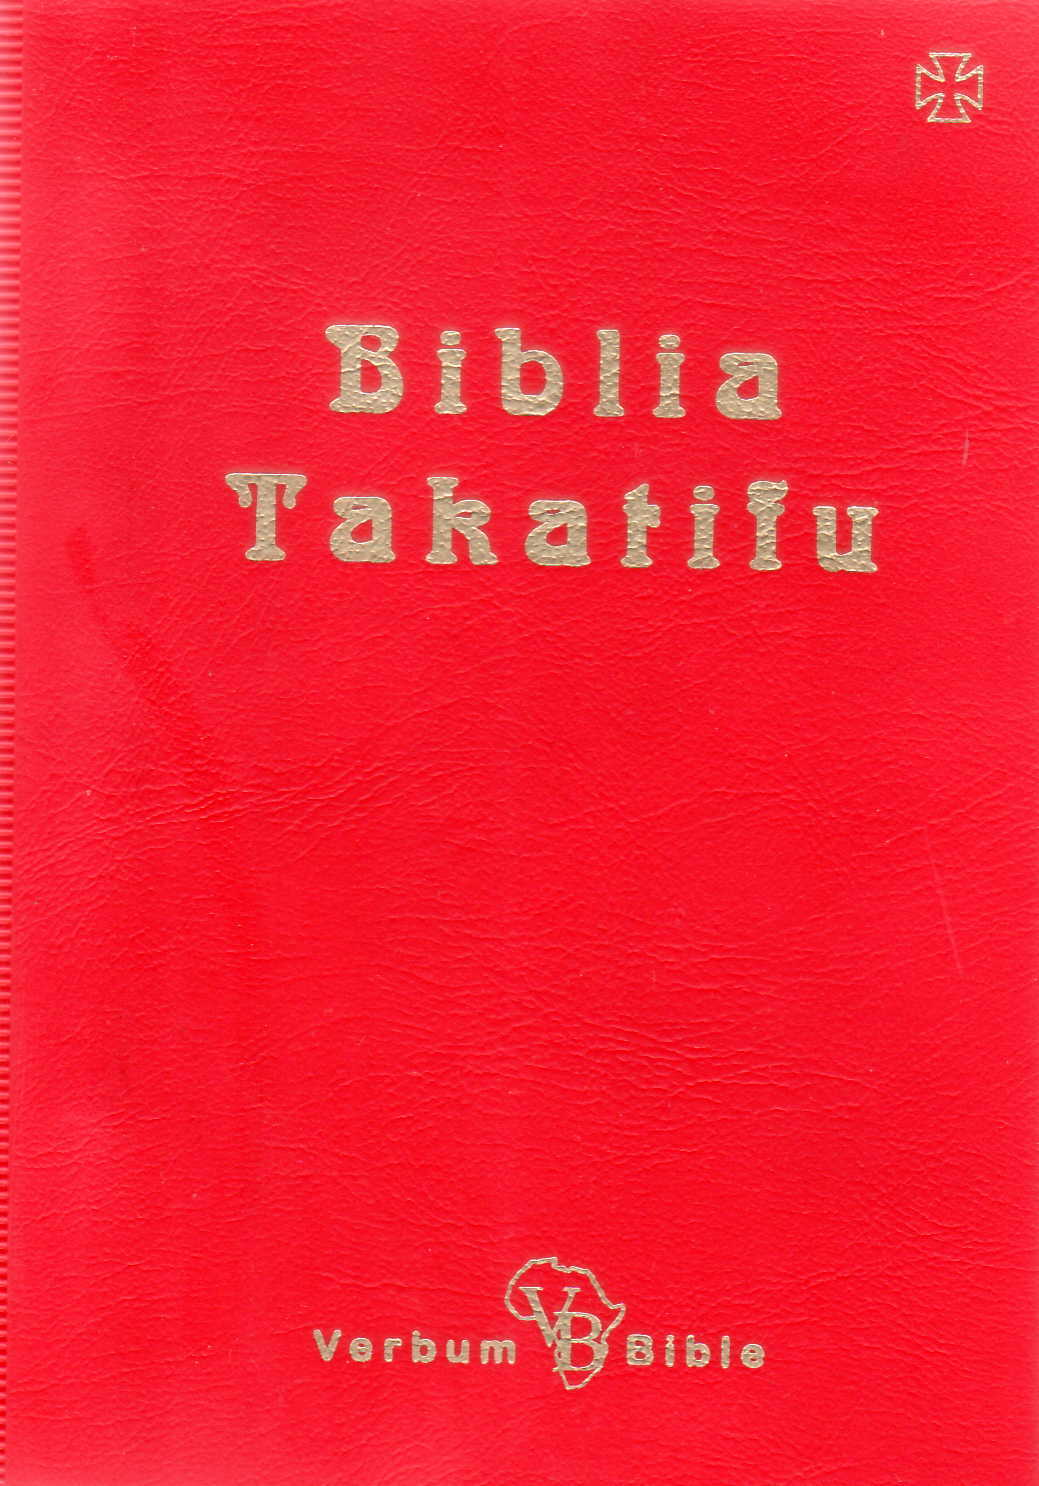 Verbum Bible